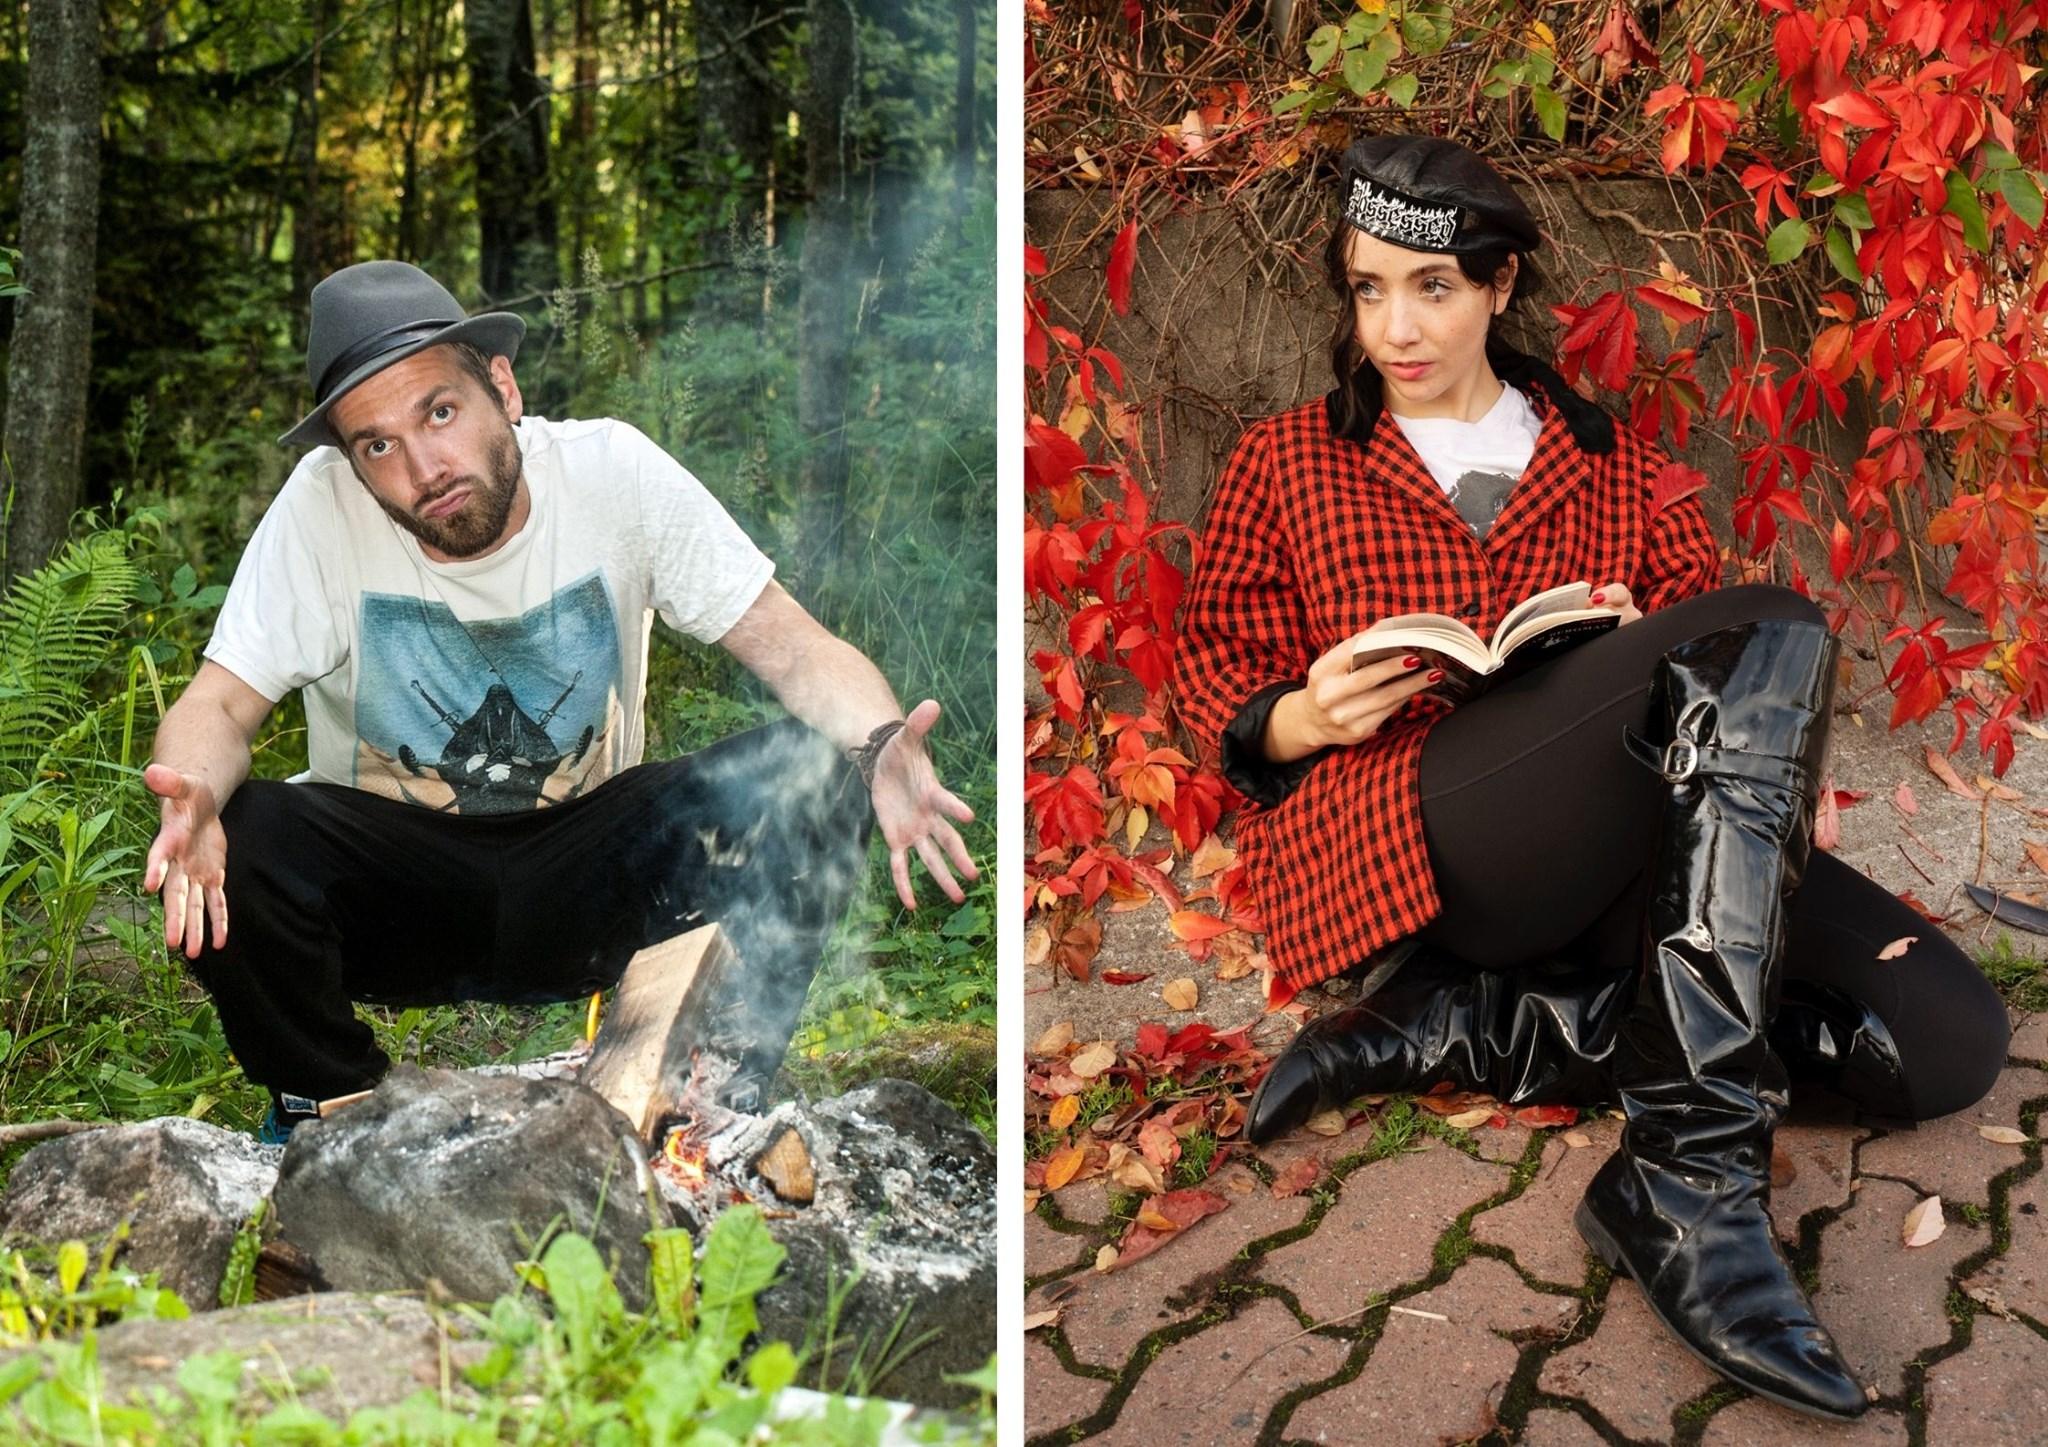 Kuvissa Juho Kuusi metsässä ja Elsa Tölli istumassa pensaan edessä, jossa on punaiset lehdet